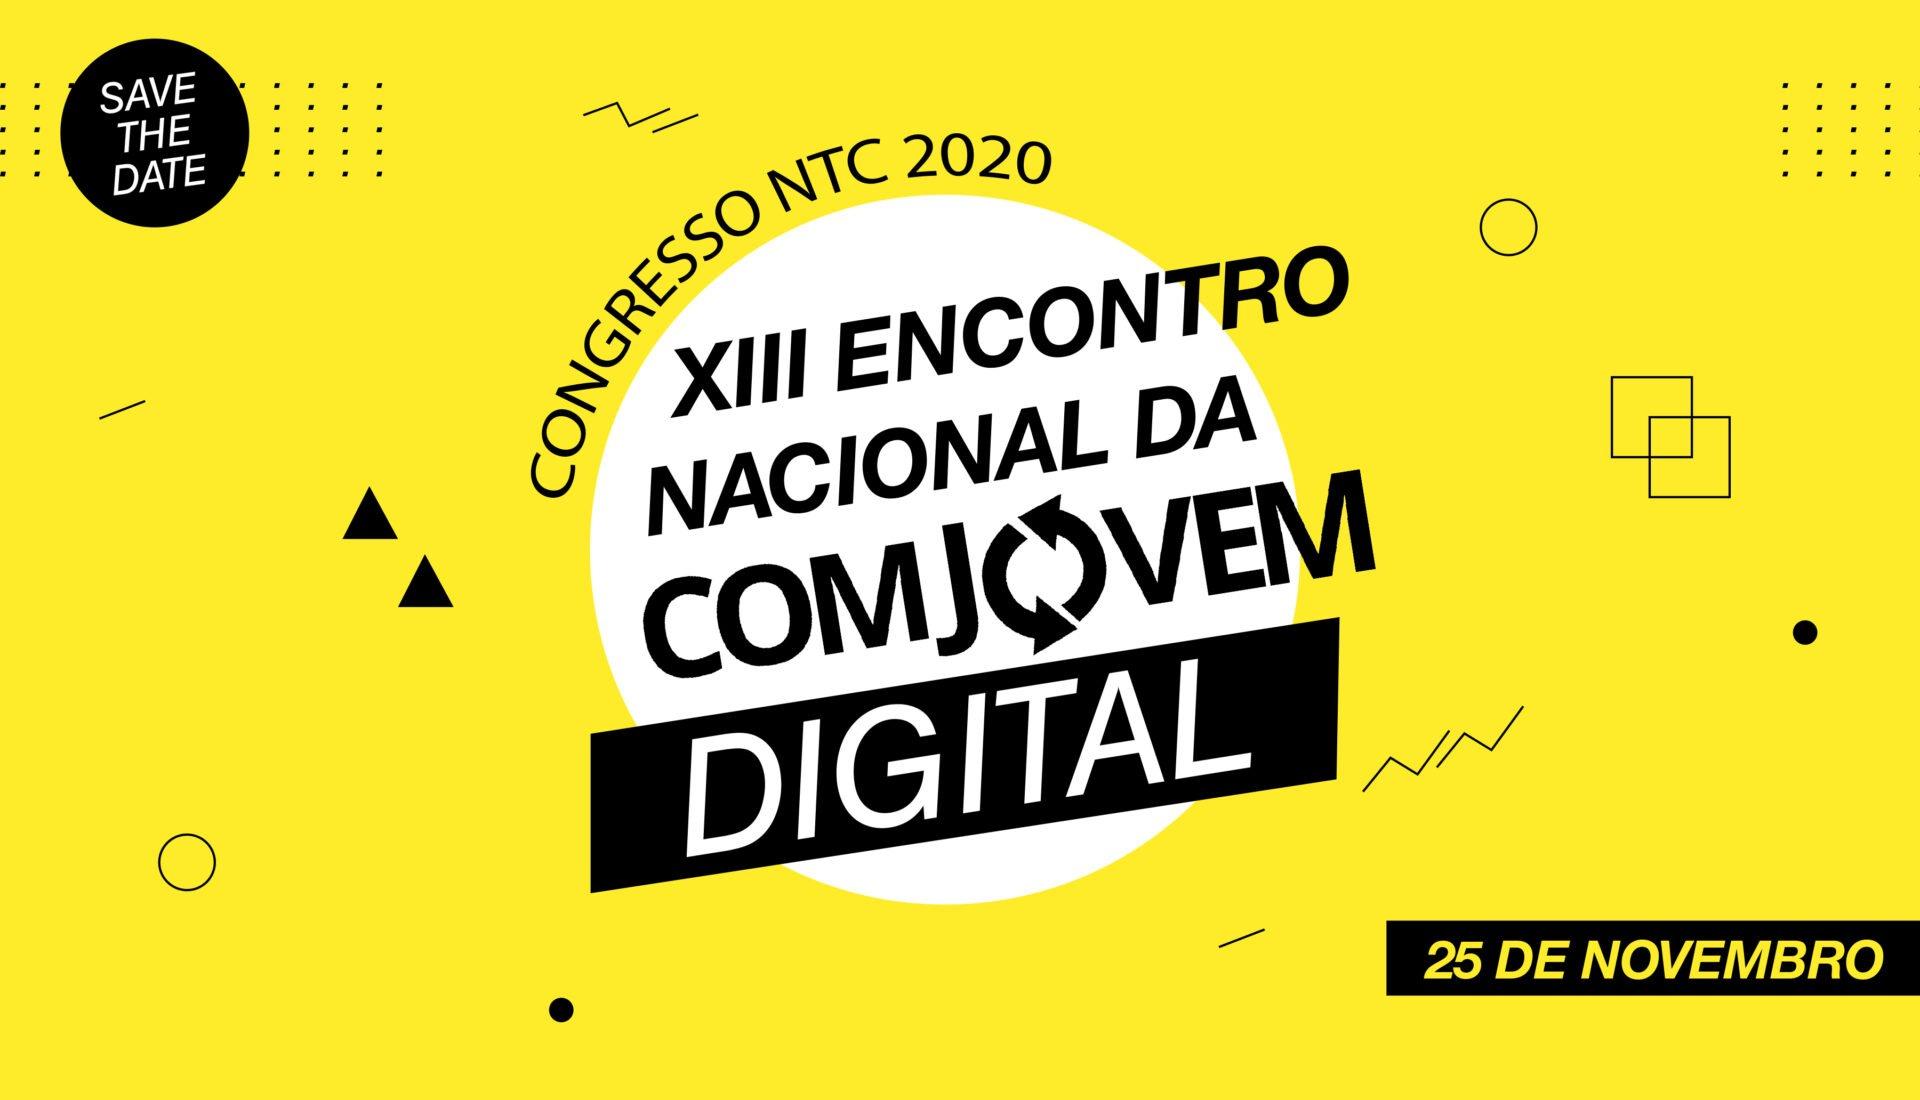 CONGRESSO NTC 2020 XIII ENCONTRO NACIONAL DA COMJOVEM